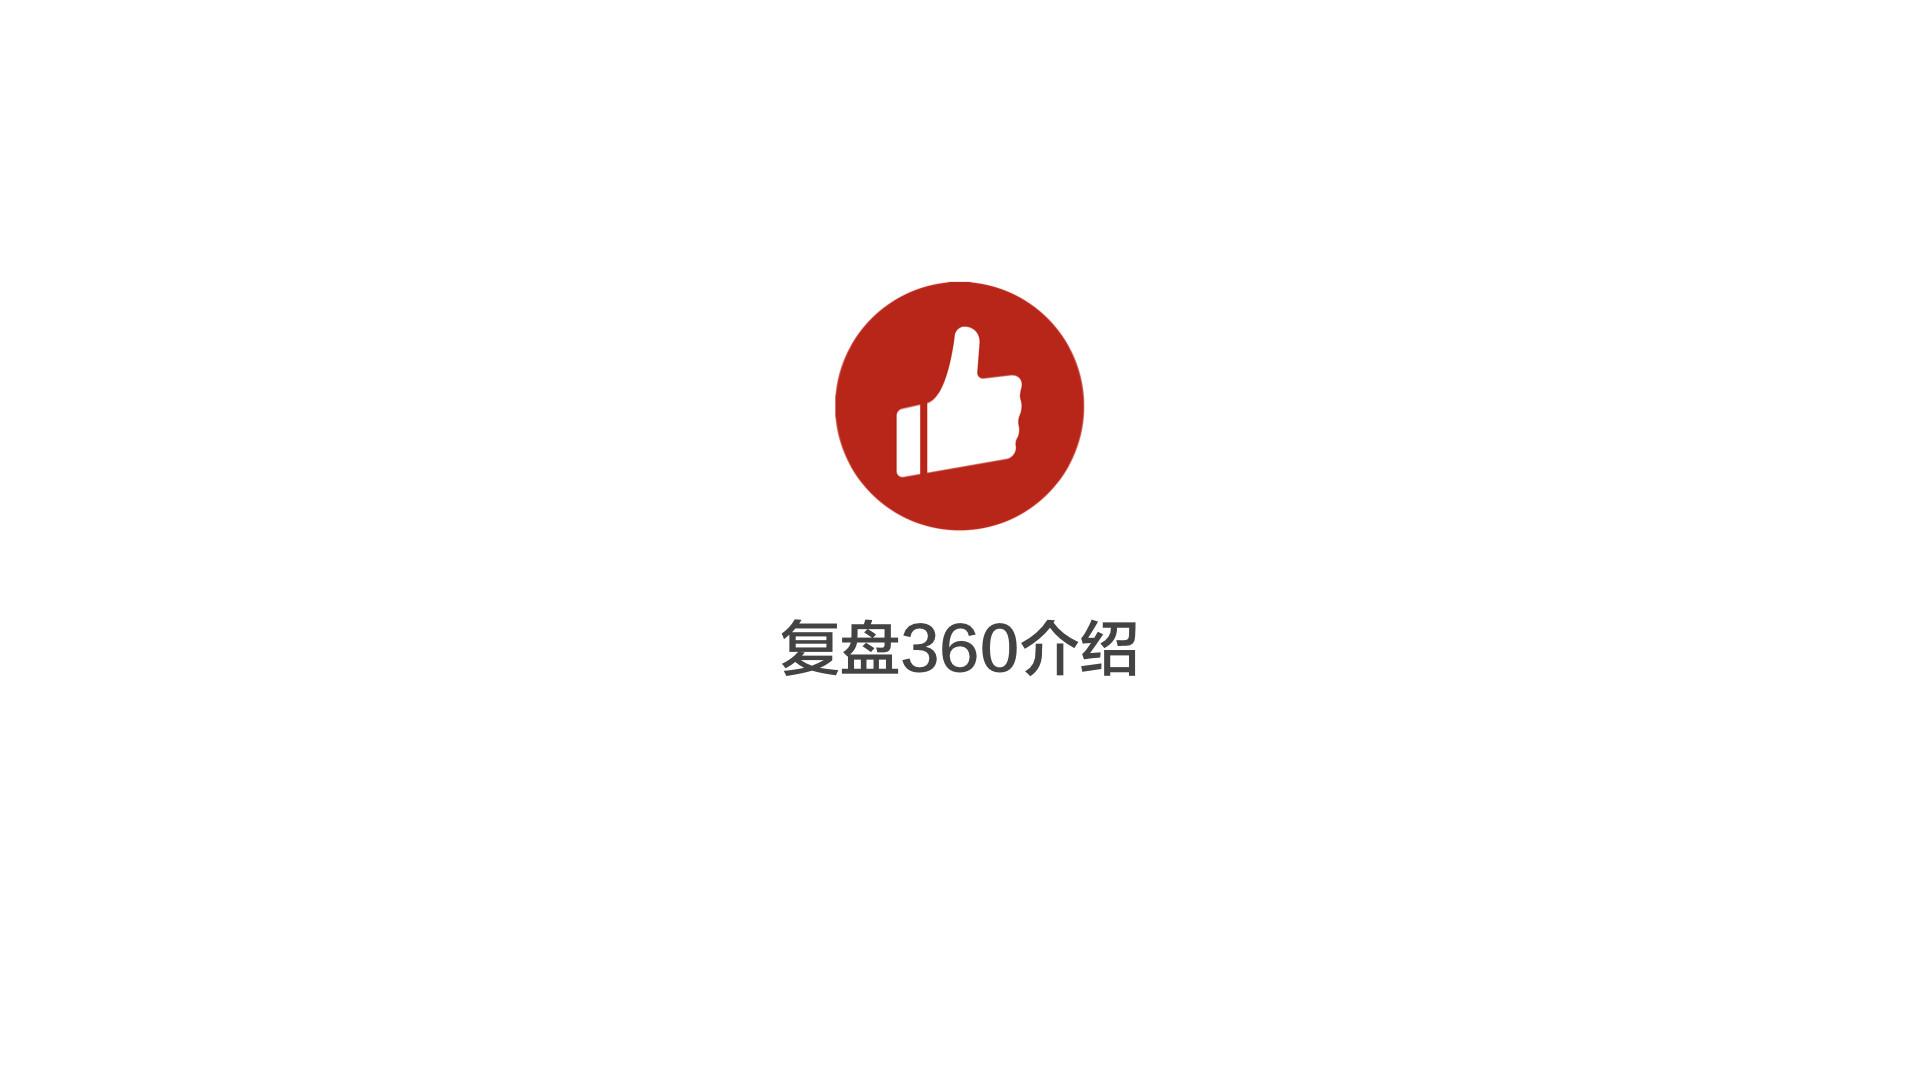 复盘报告360.001.jpeg